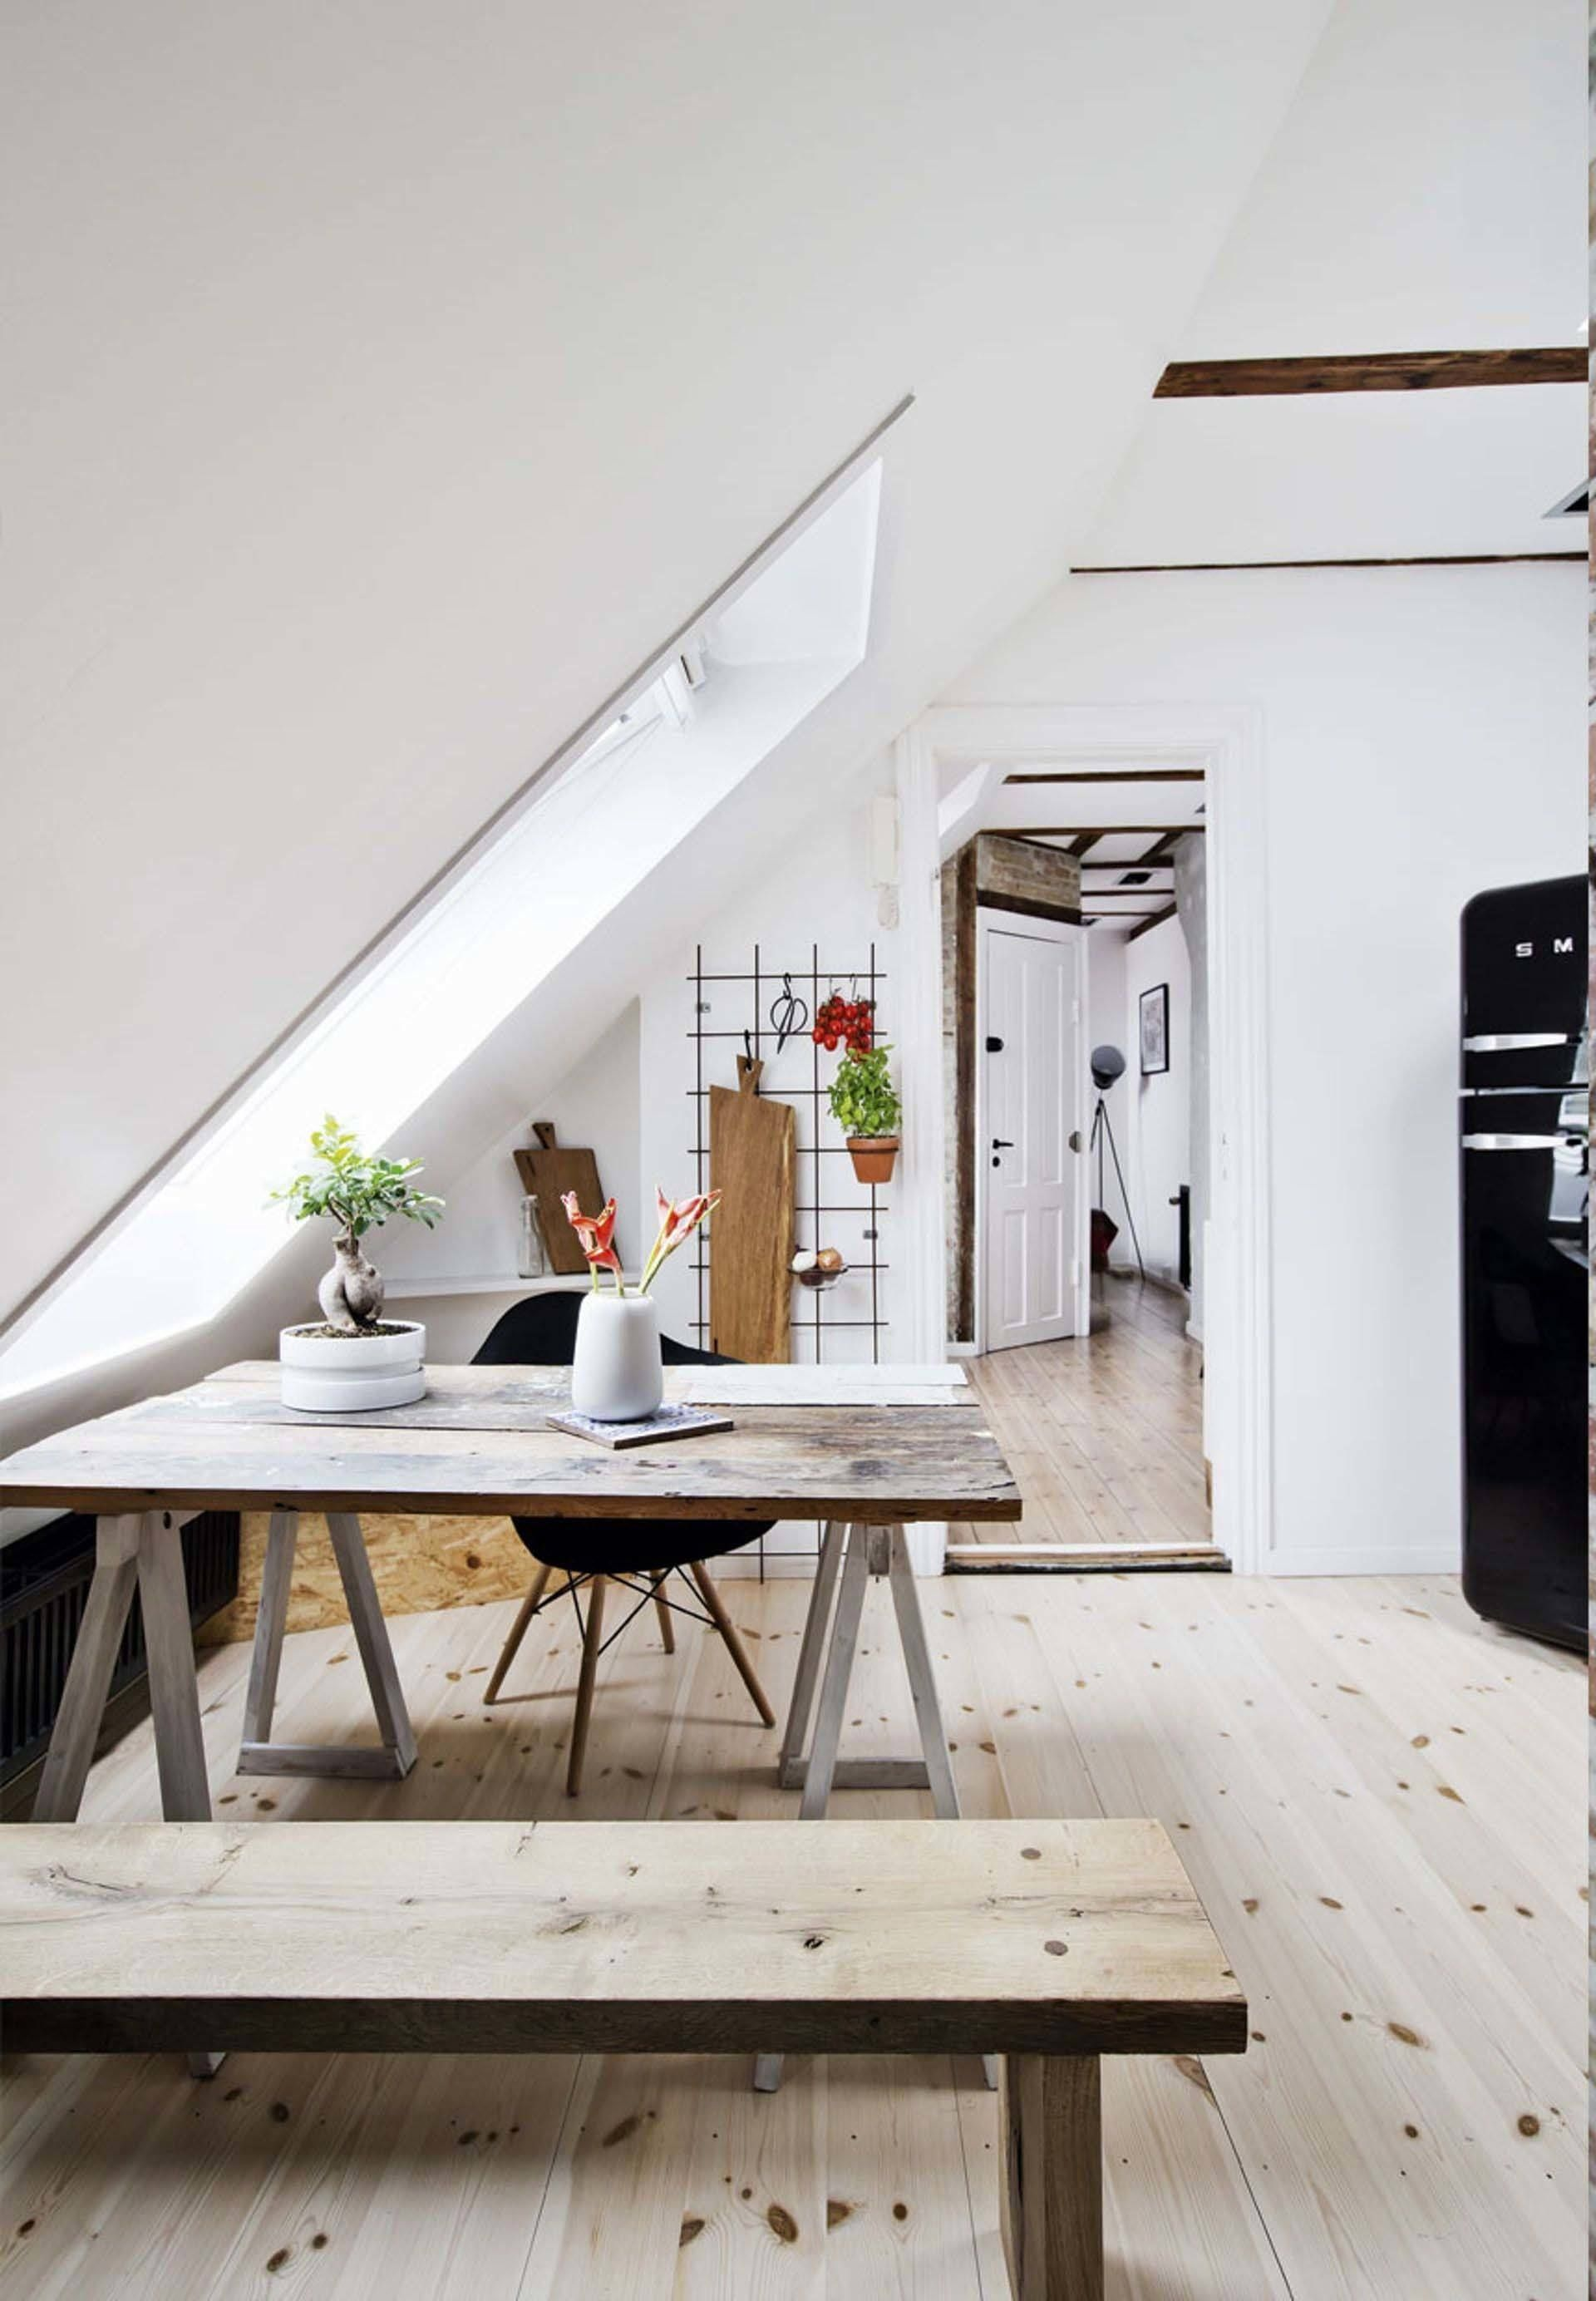 Wohnzimmerwand-nischenentwürfe maskuline stil pad mit einer dachstange in kopenhagen  wohnungen